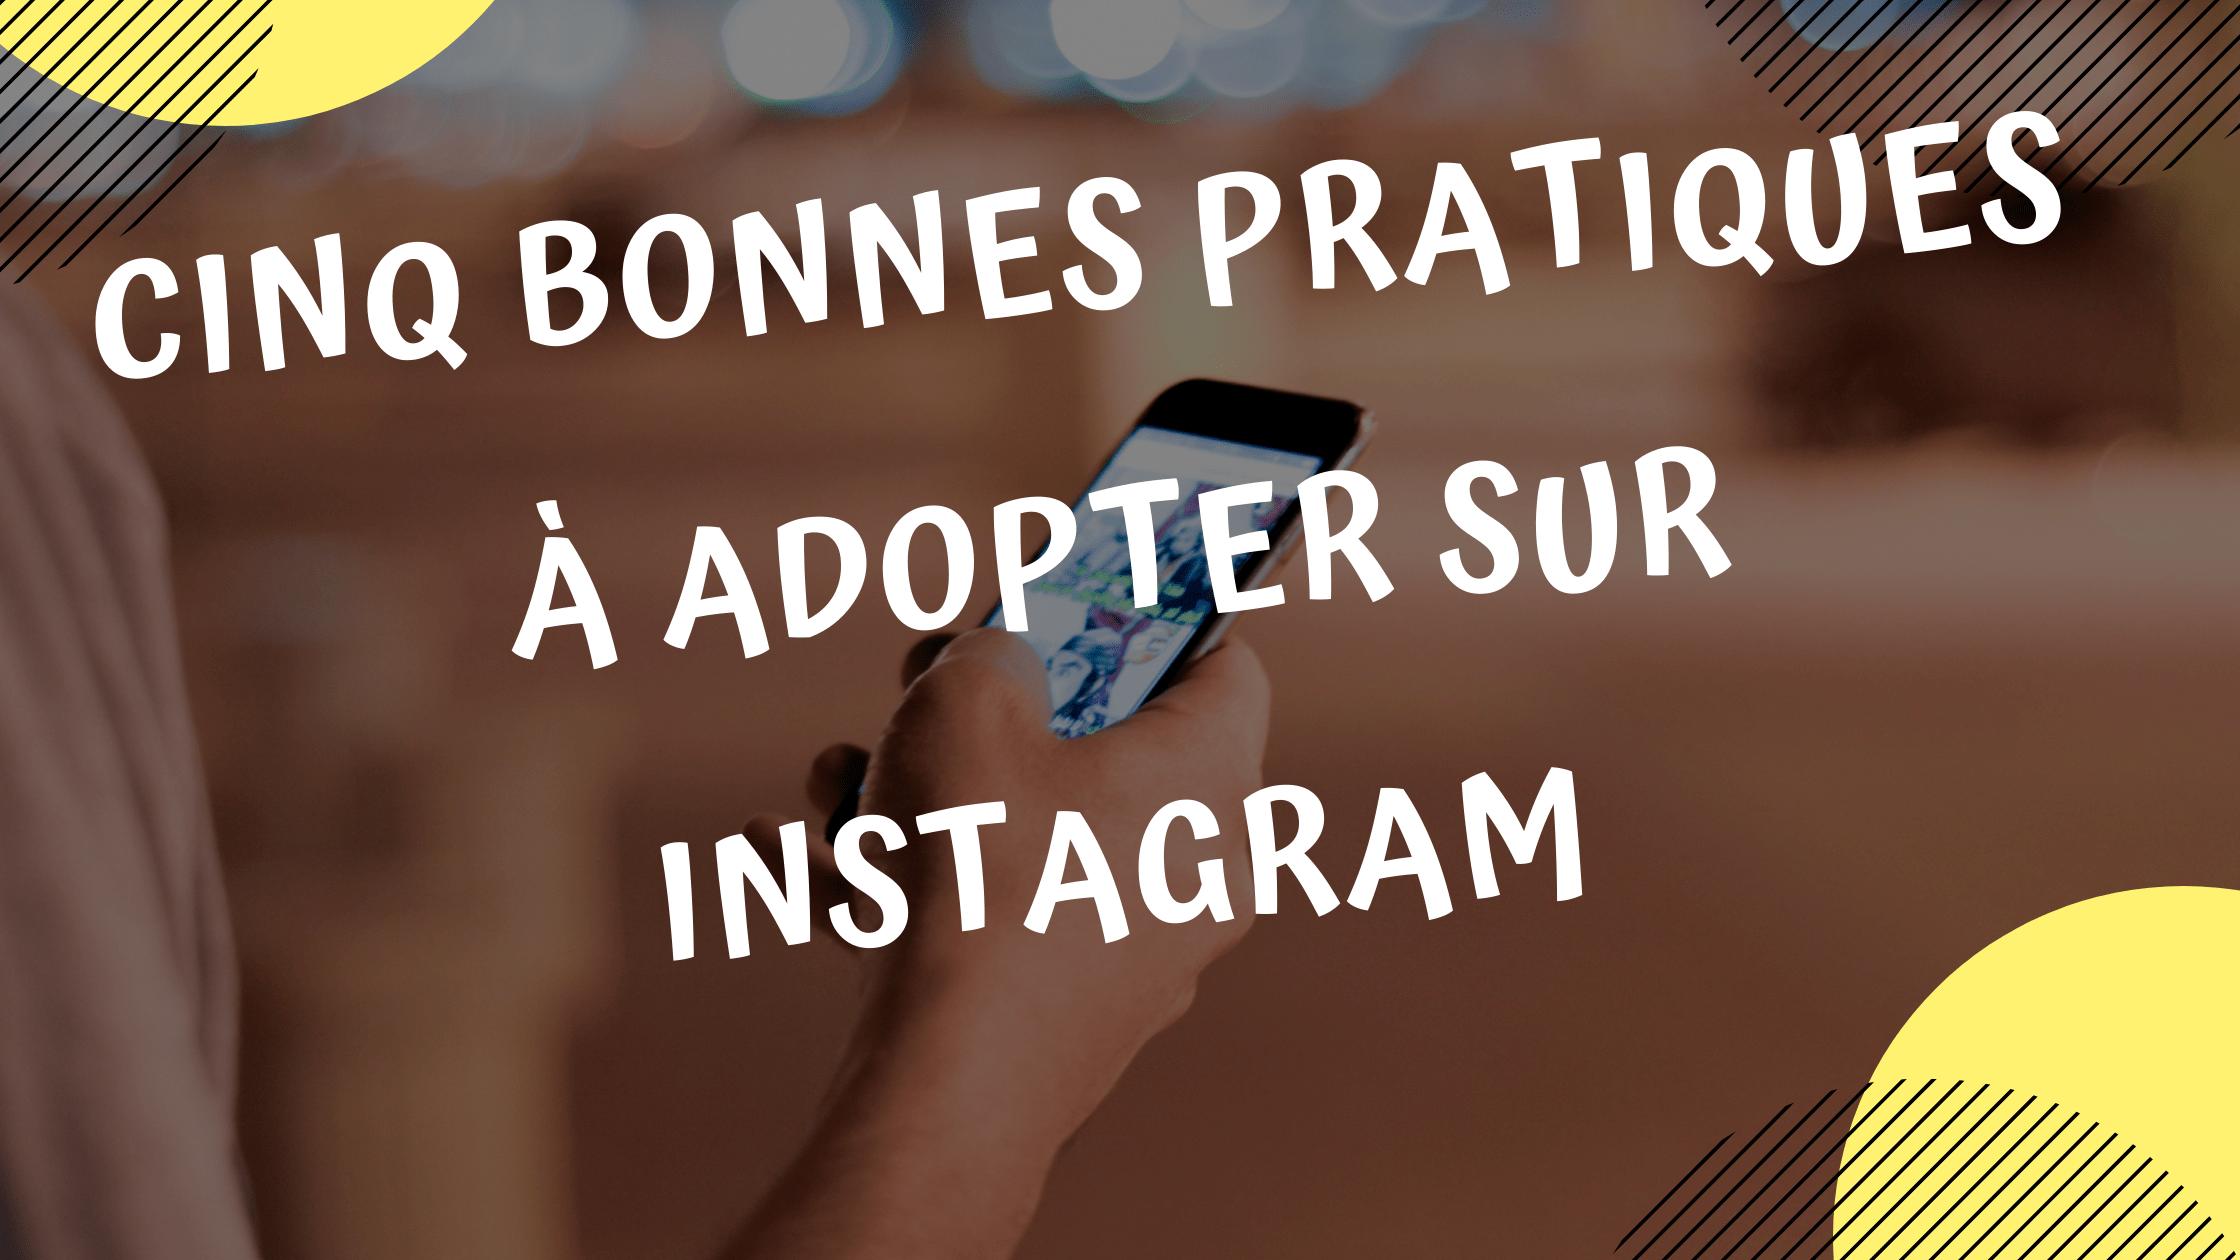 Cinq bonnes pratiques à adopter sur Instagram